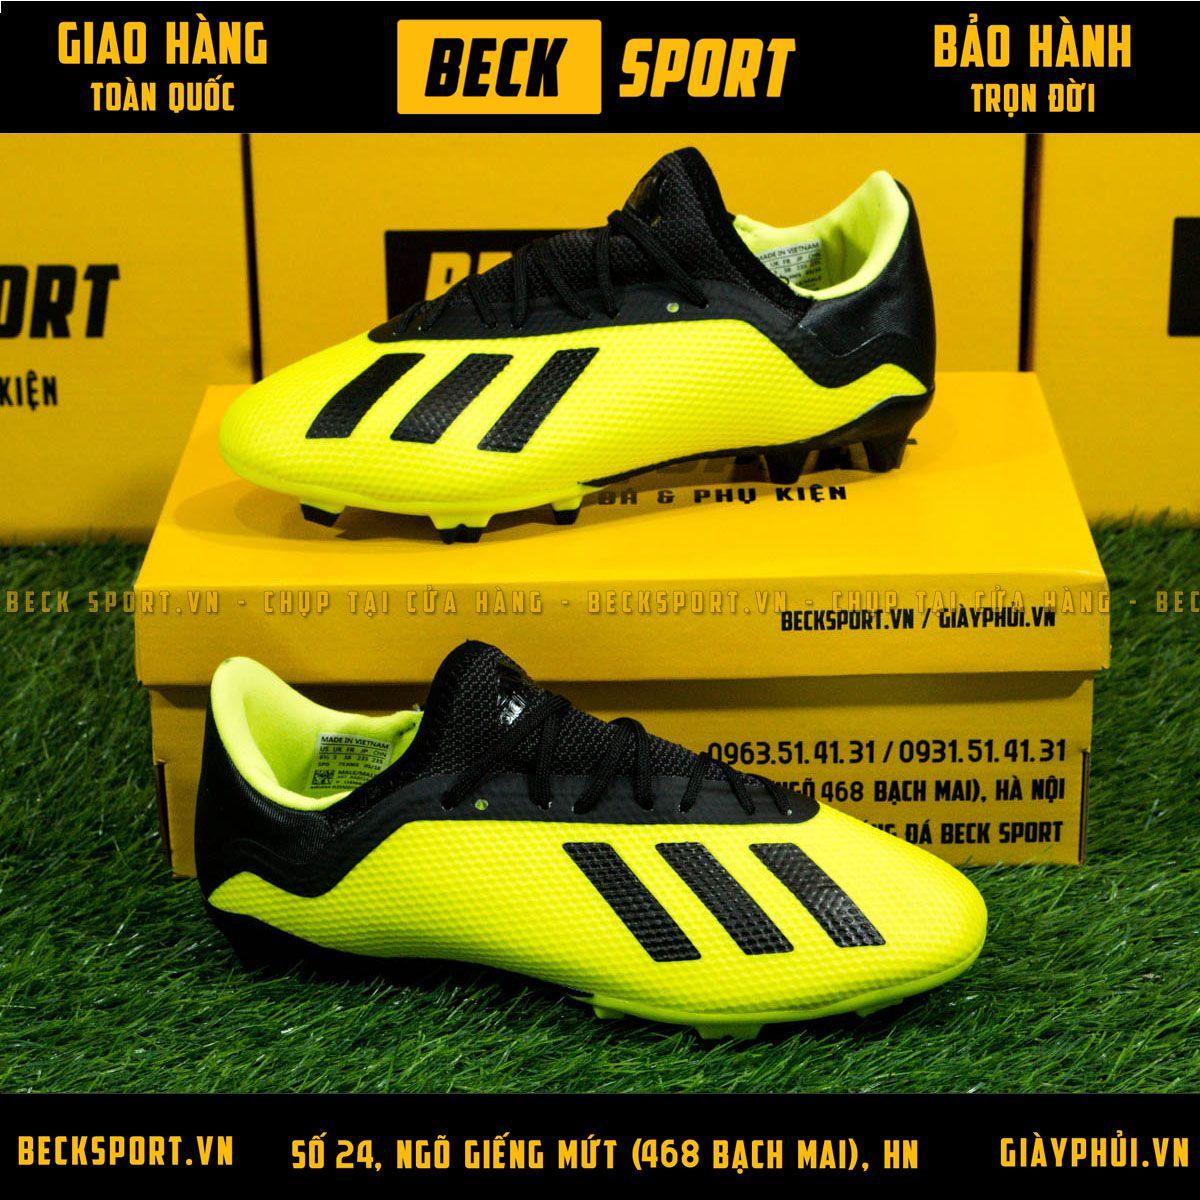 Giày Bóng Đá Trẻ Em Adidas X 18.3 Nõn Chuối Vạch Đen FG